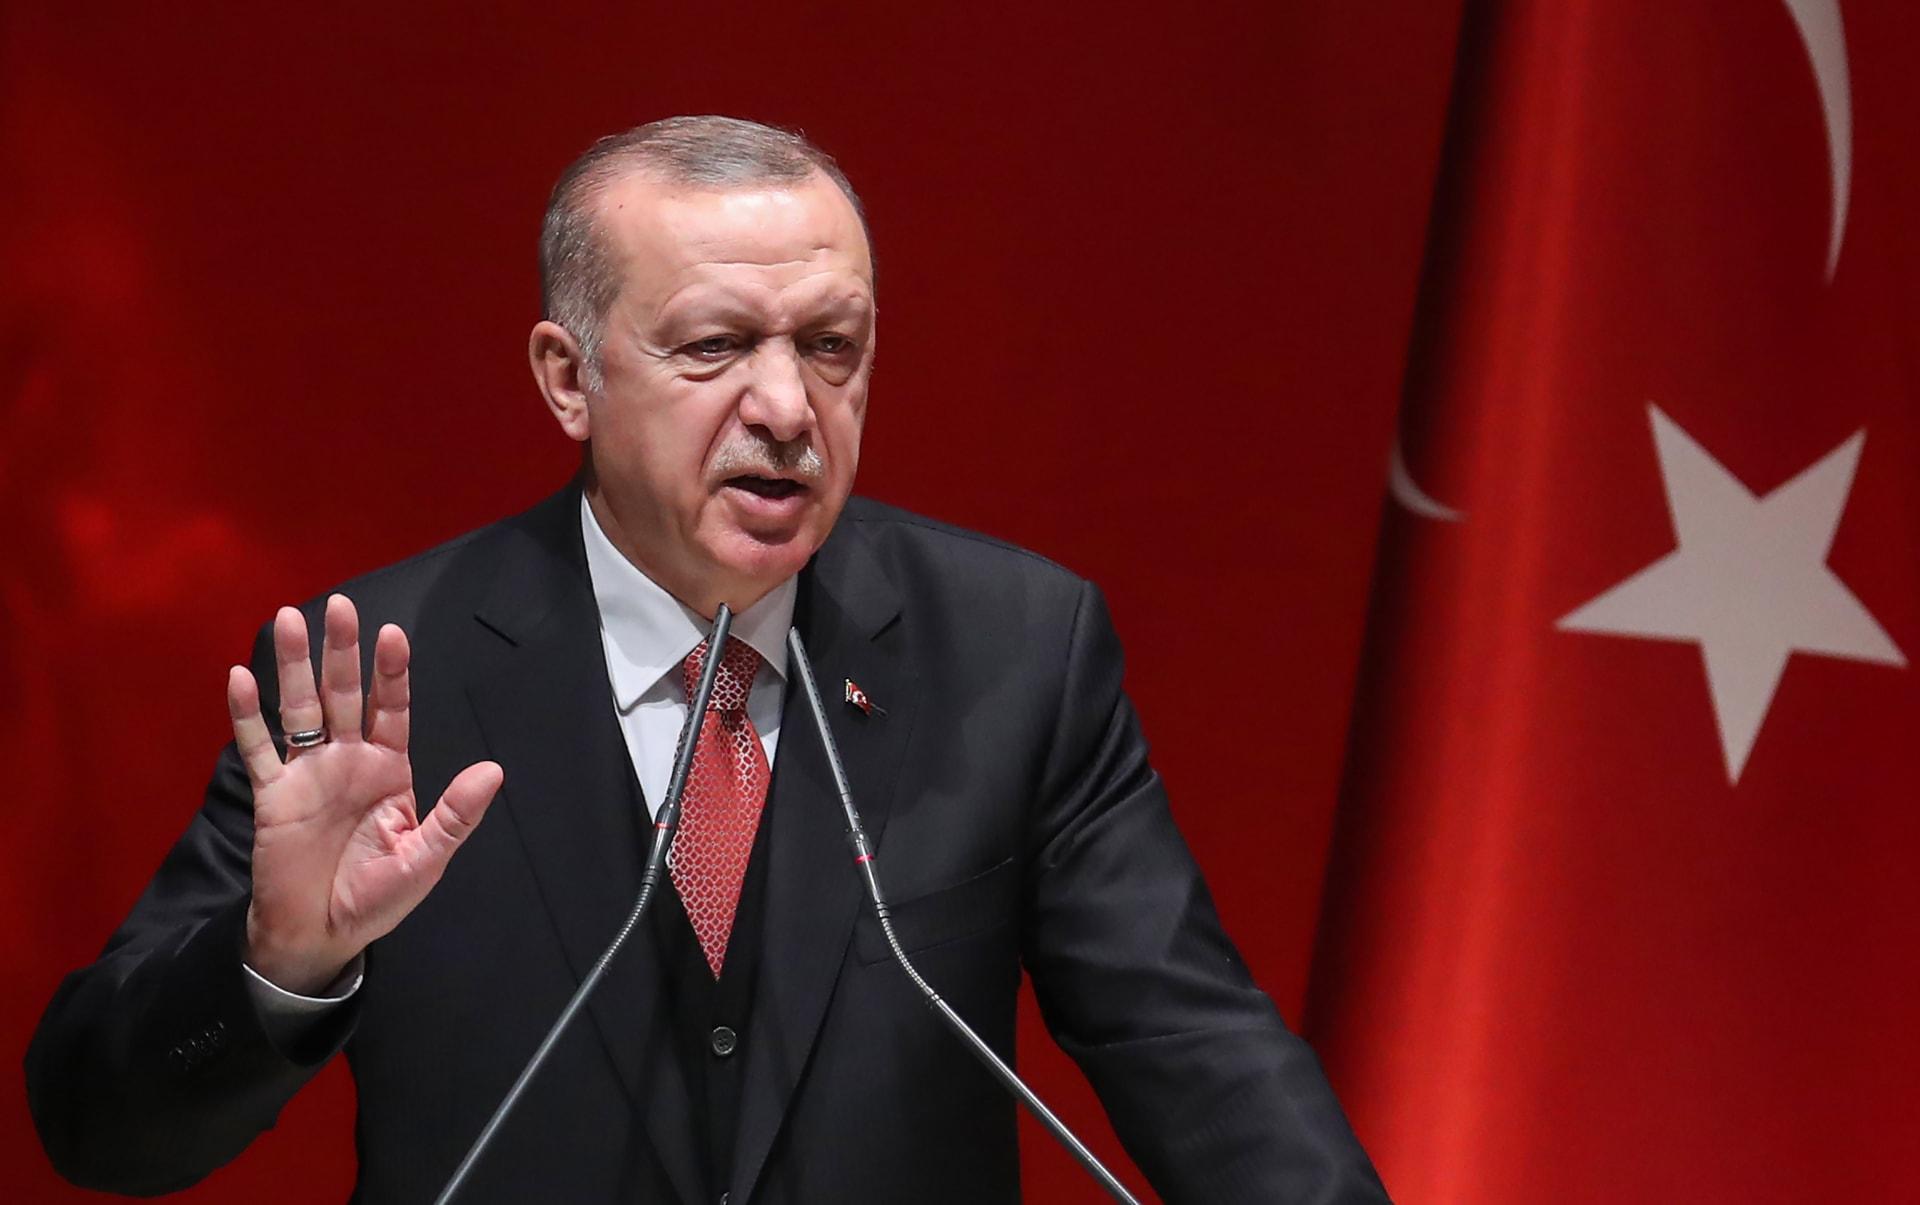 أردوغان: ساسة الغرب يسعون لاستغلال معاداة الإسلام لتحقيق مكاسب سياسية